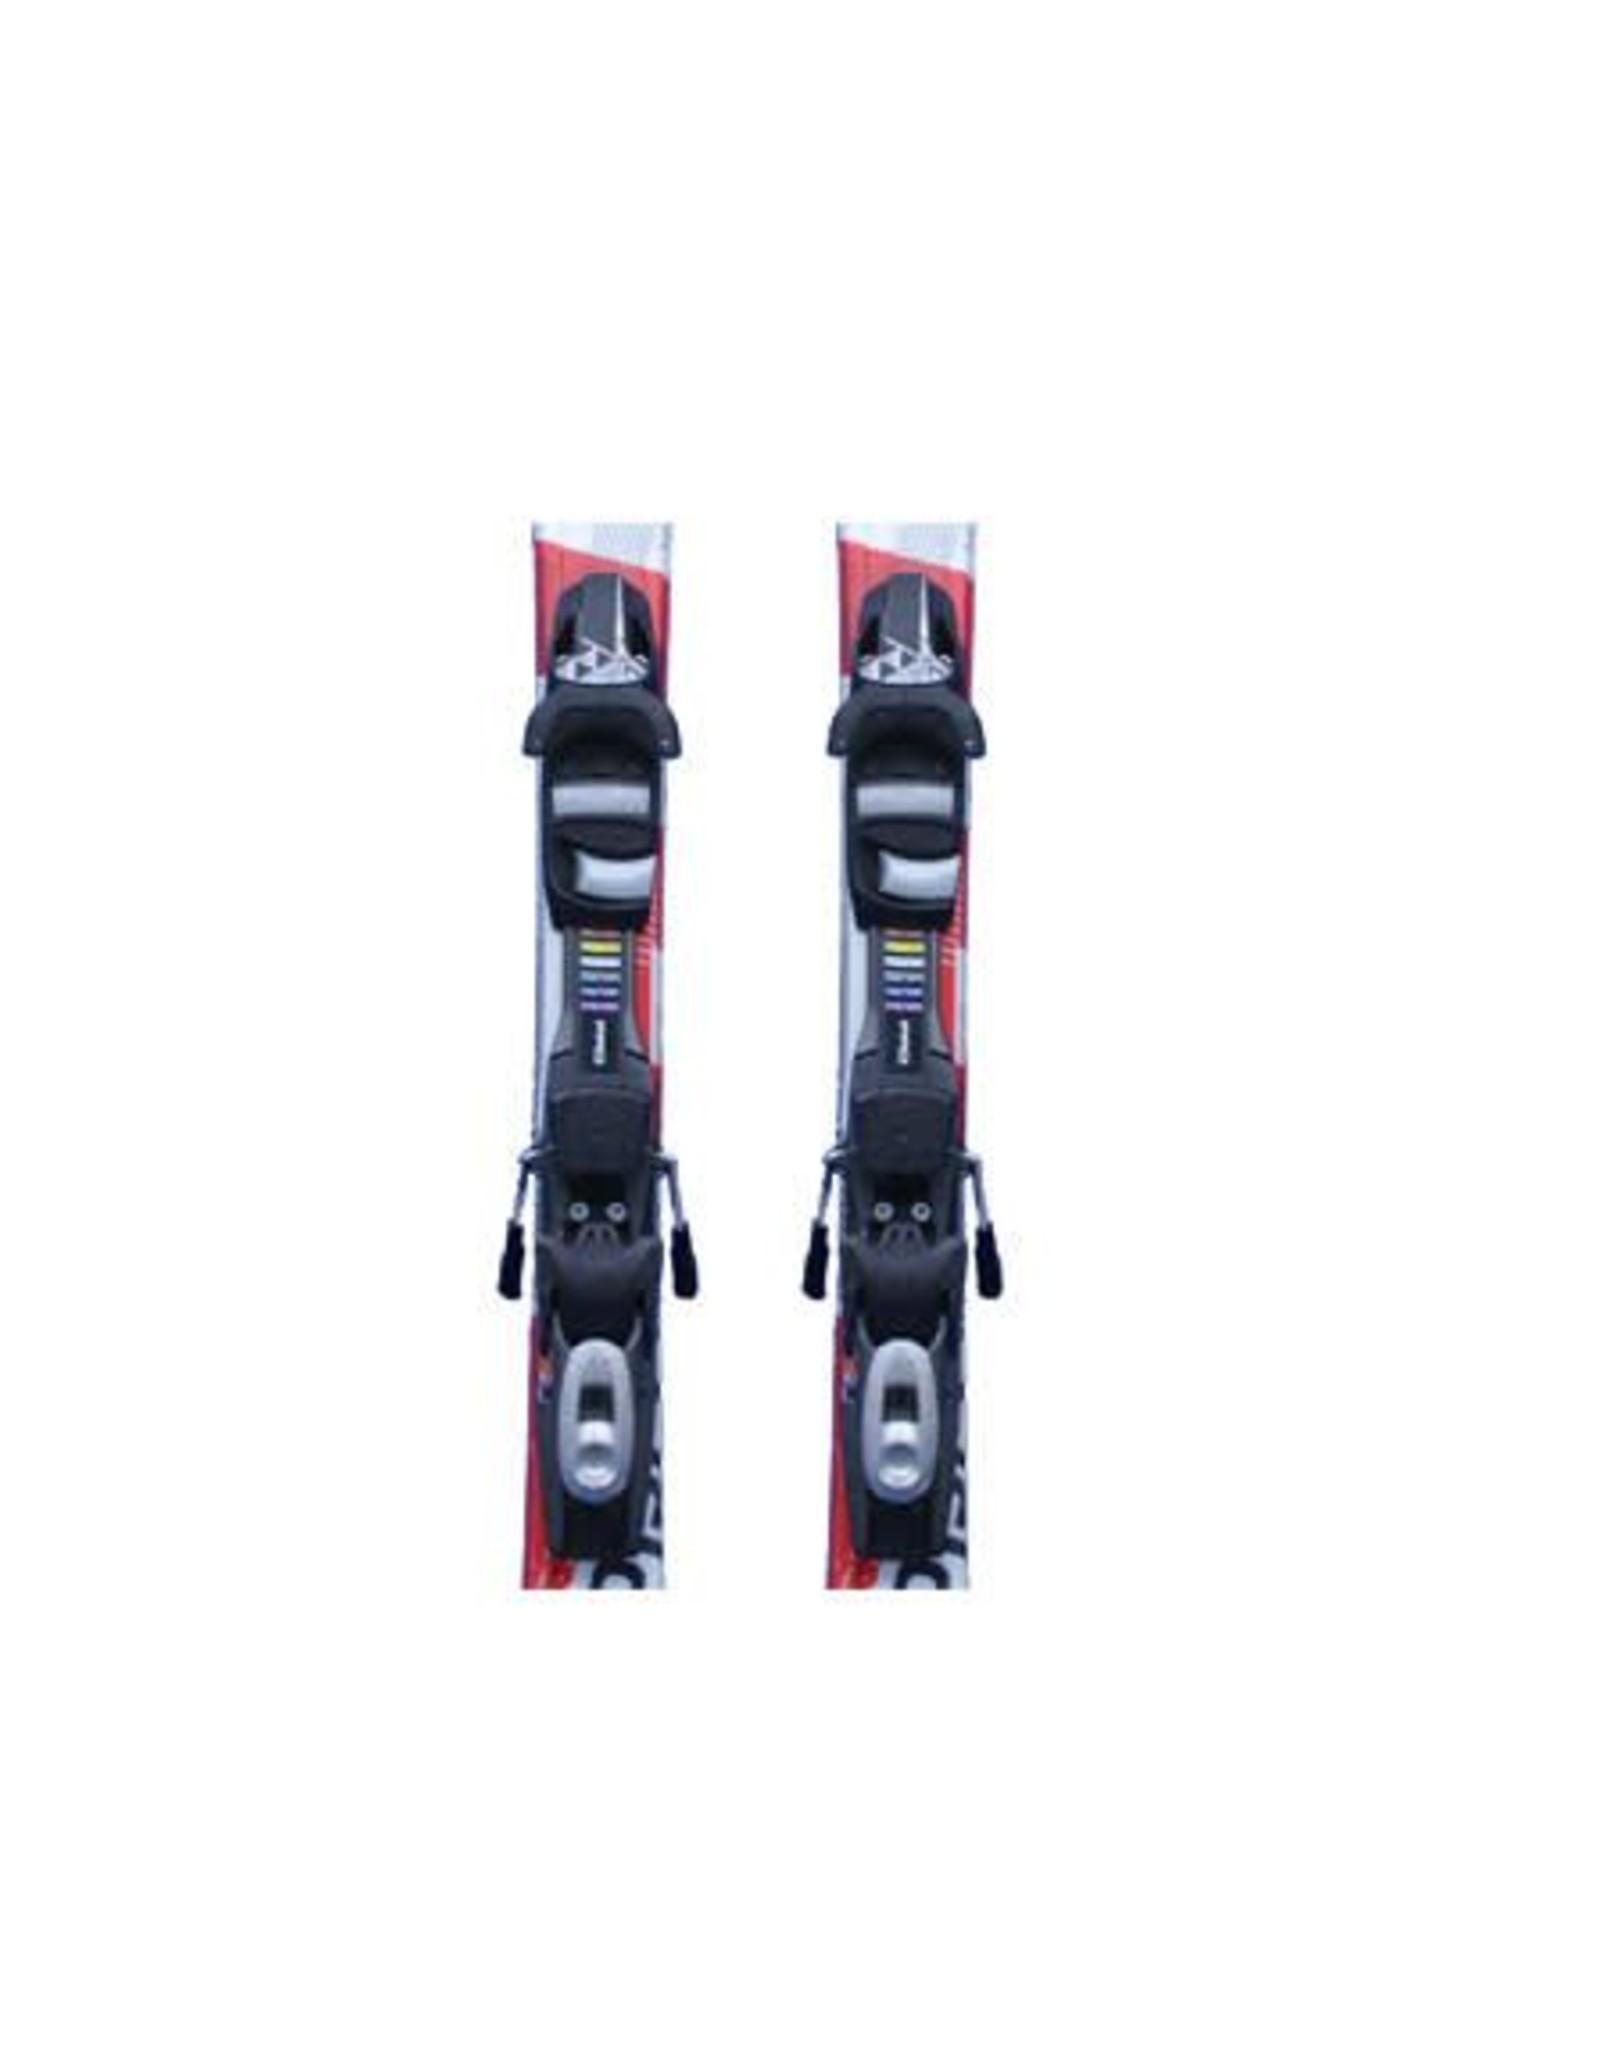 V3 TEC V3 Tec RCS pro wit/rood Ski's Gebruikt